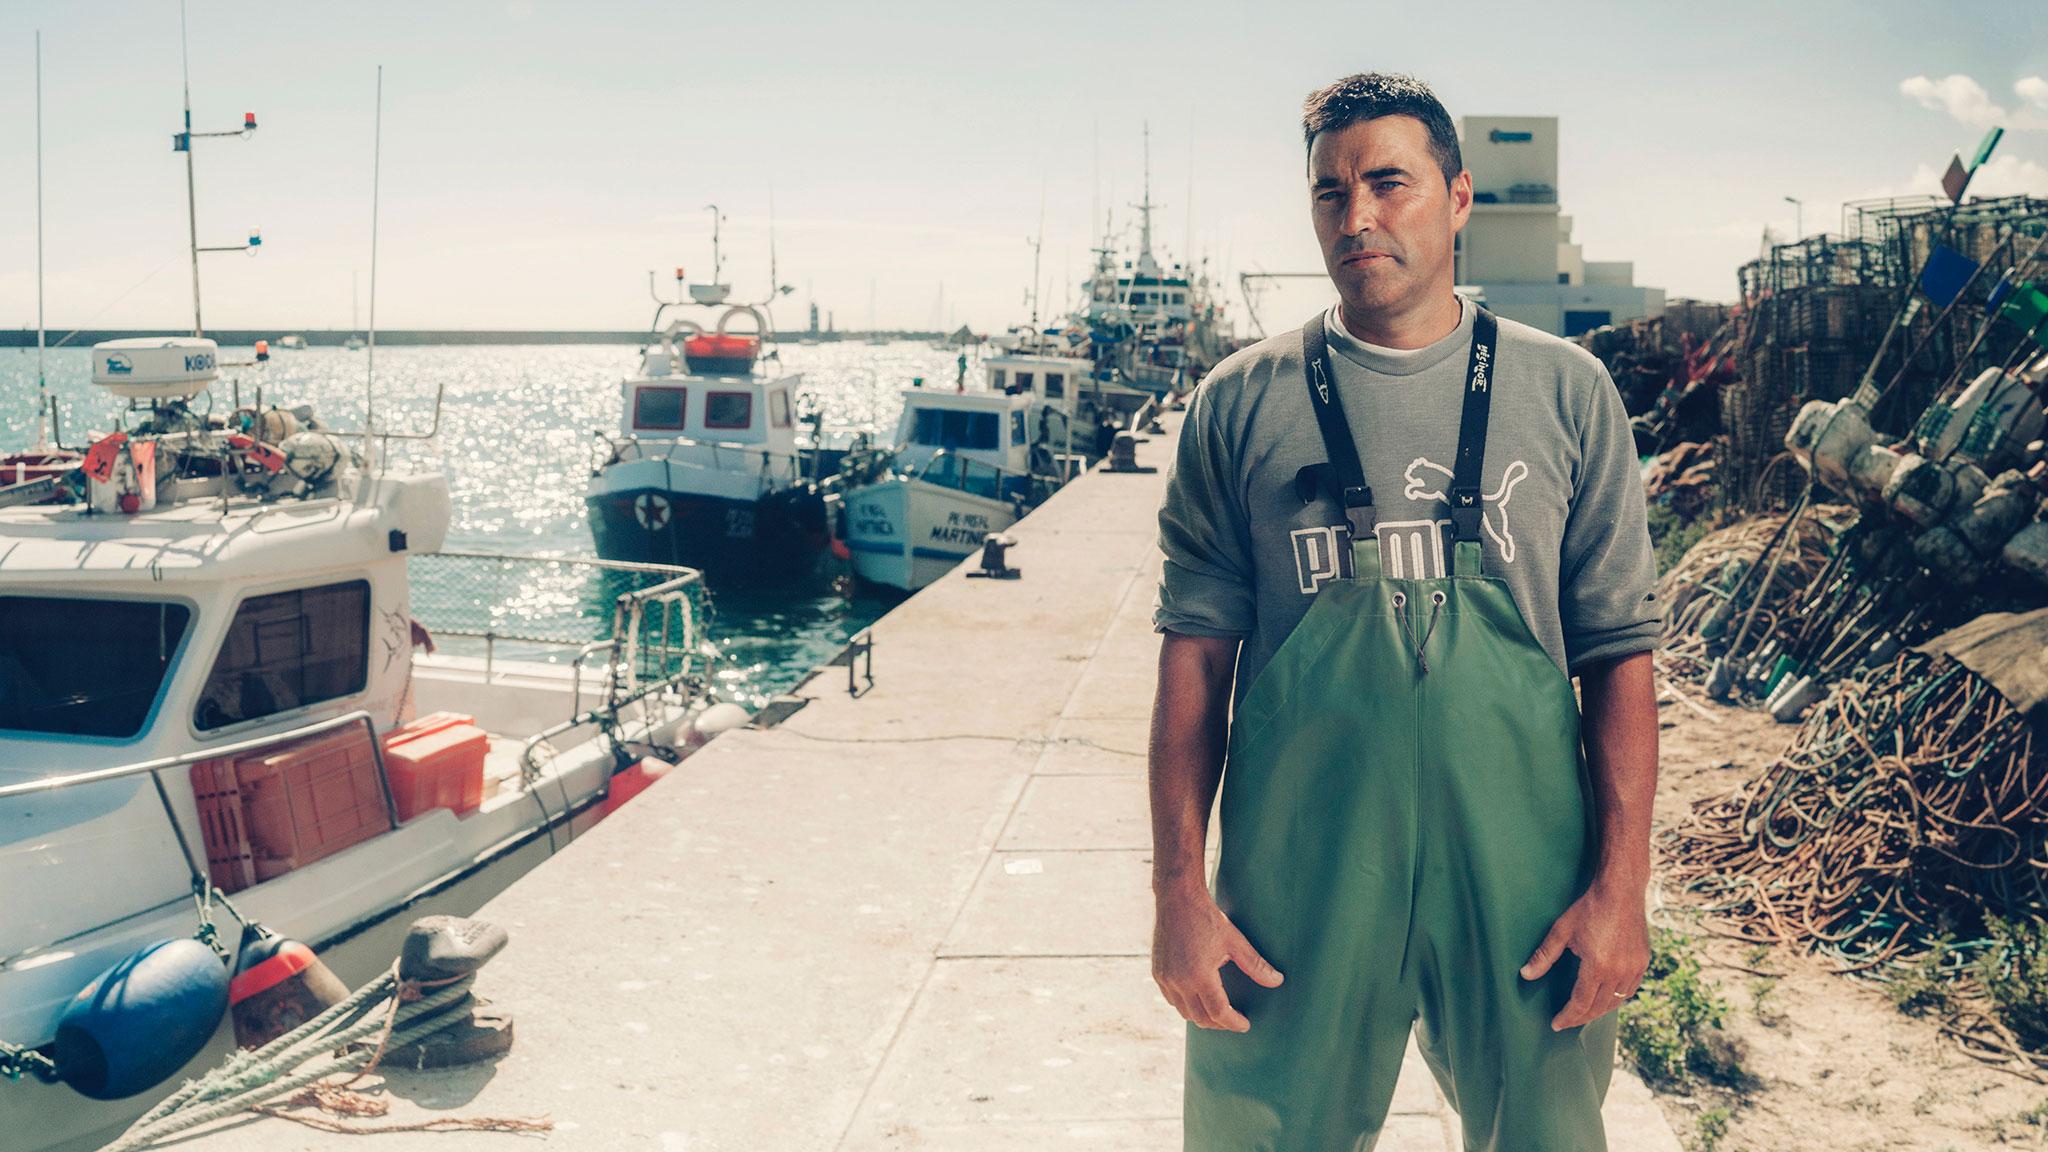 pescador-4.jpg